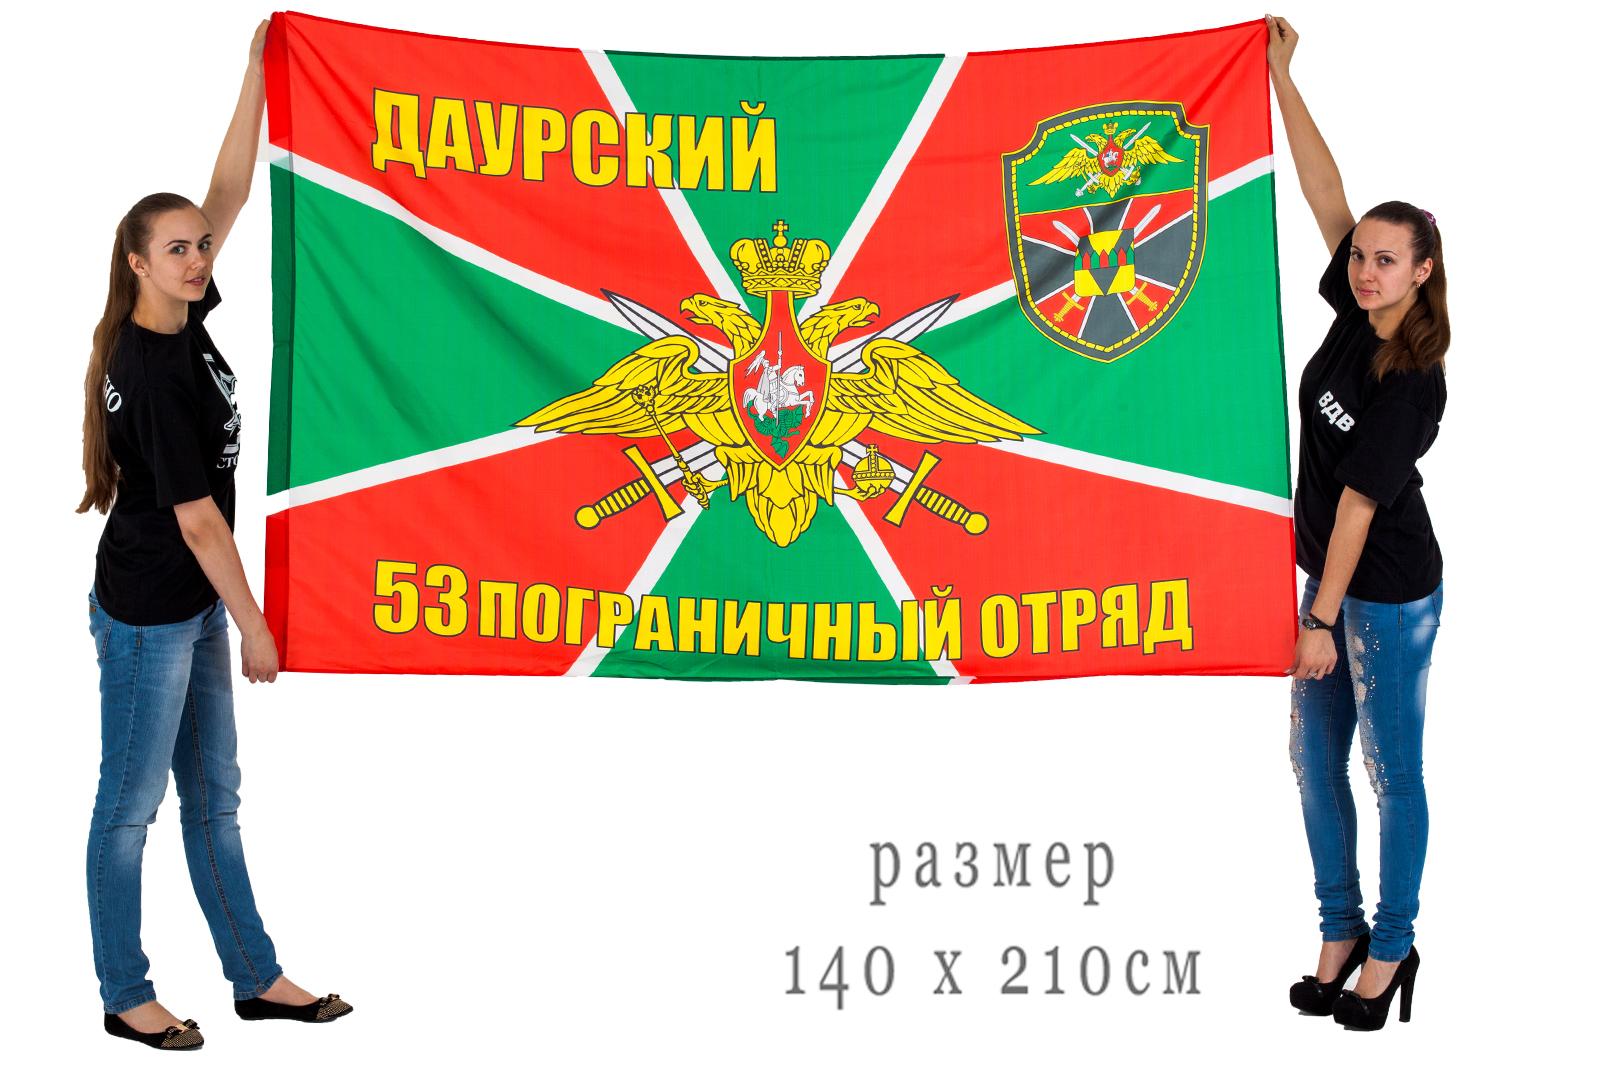 Купить большой флаг Даурского погранотряда